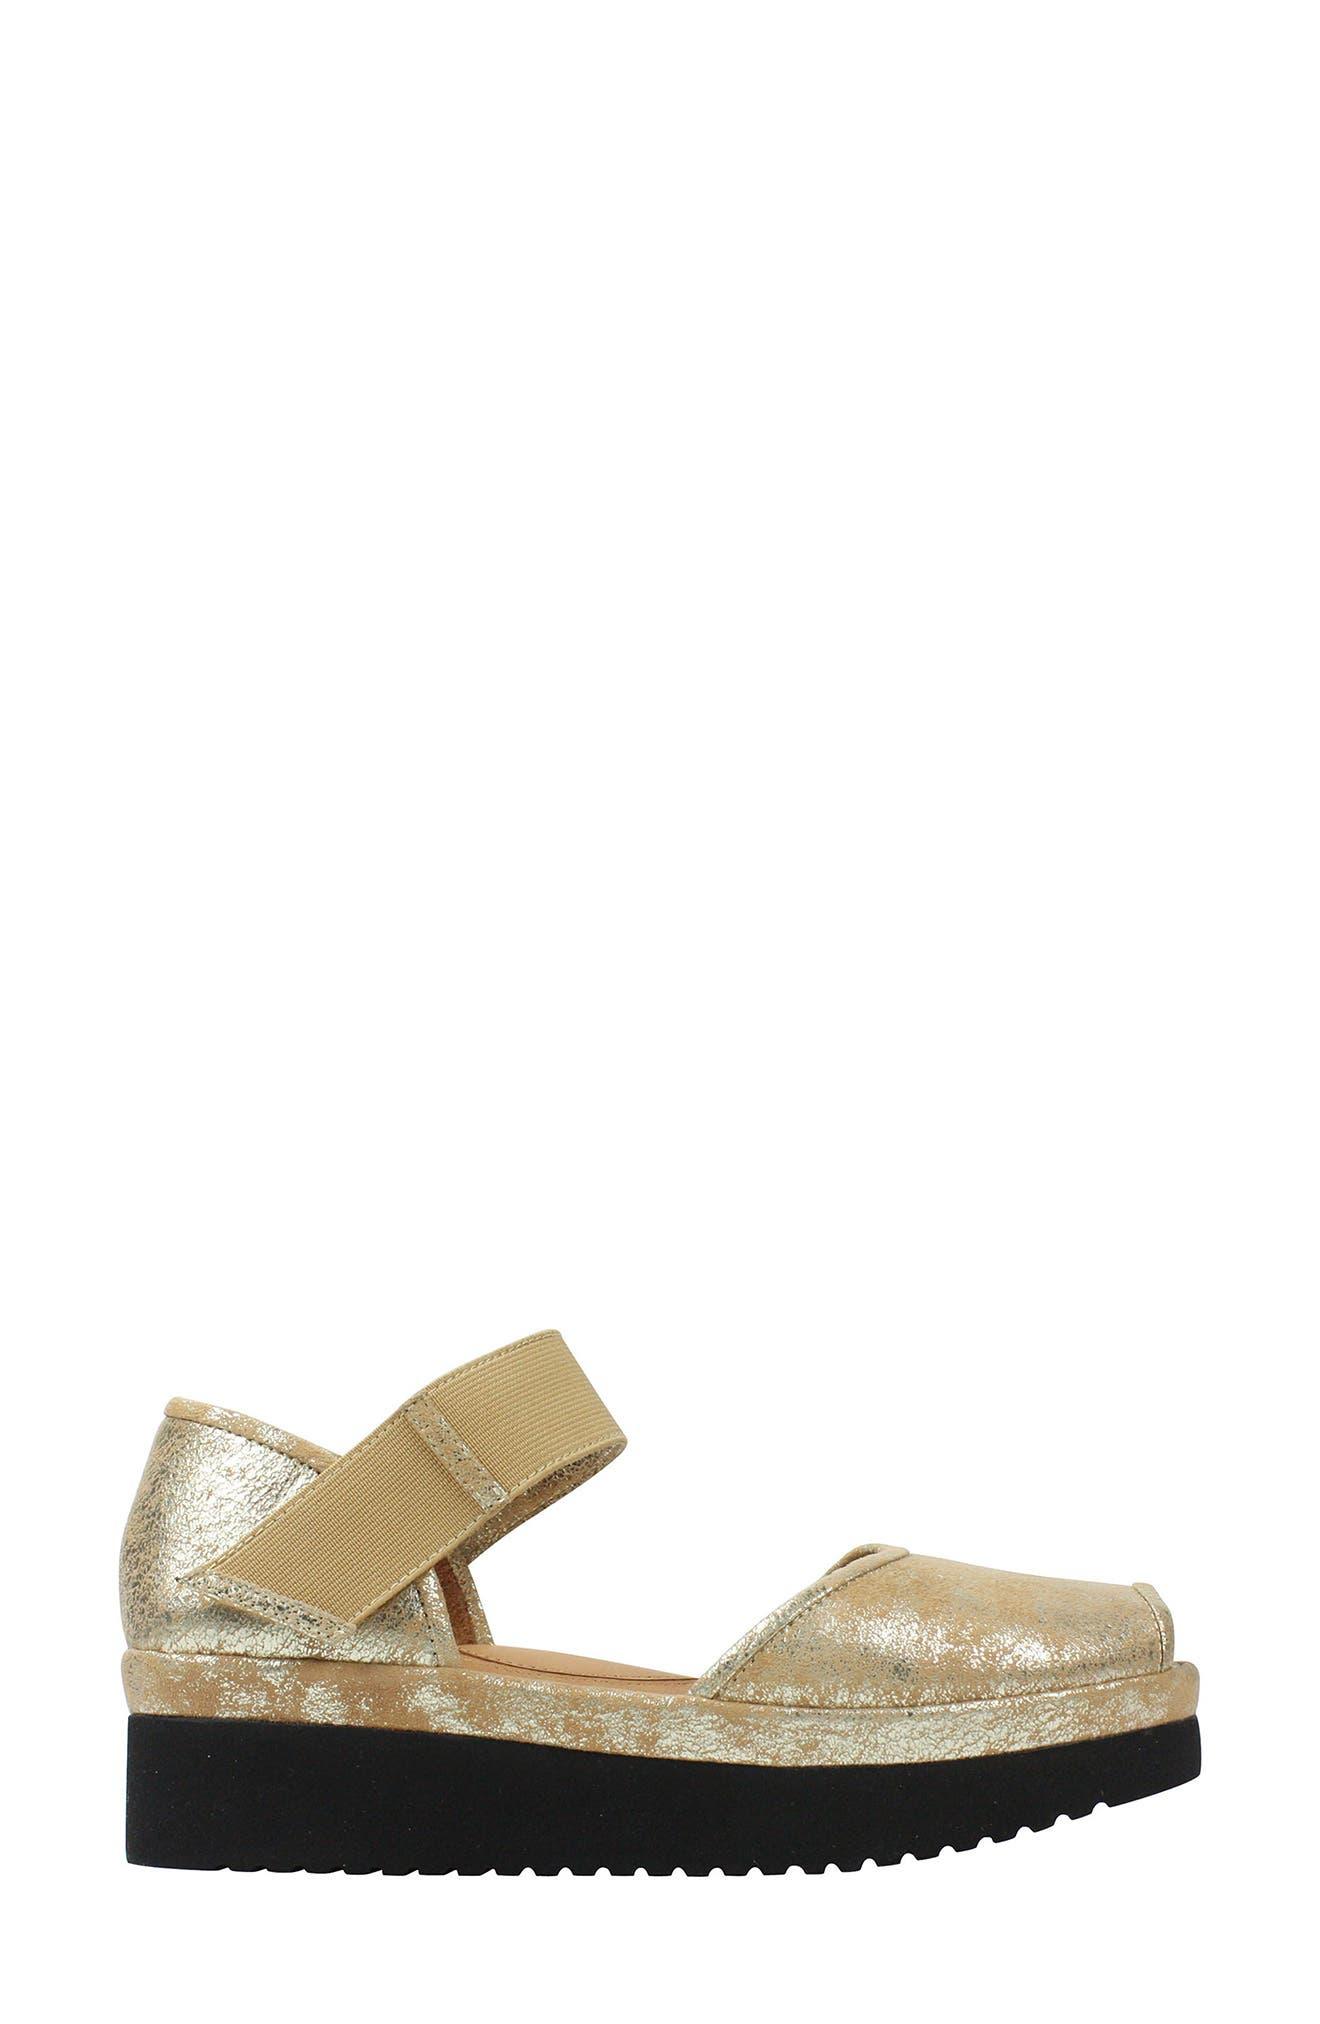 'Amadour' Platform Sandal,                             Alternate thumbnail 3, color,                             GOLD LEATHER